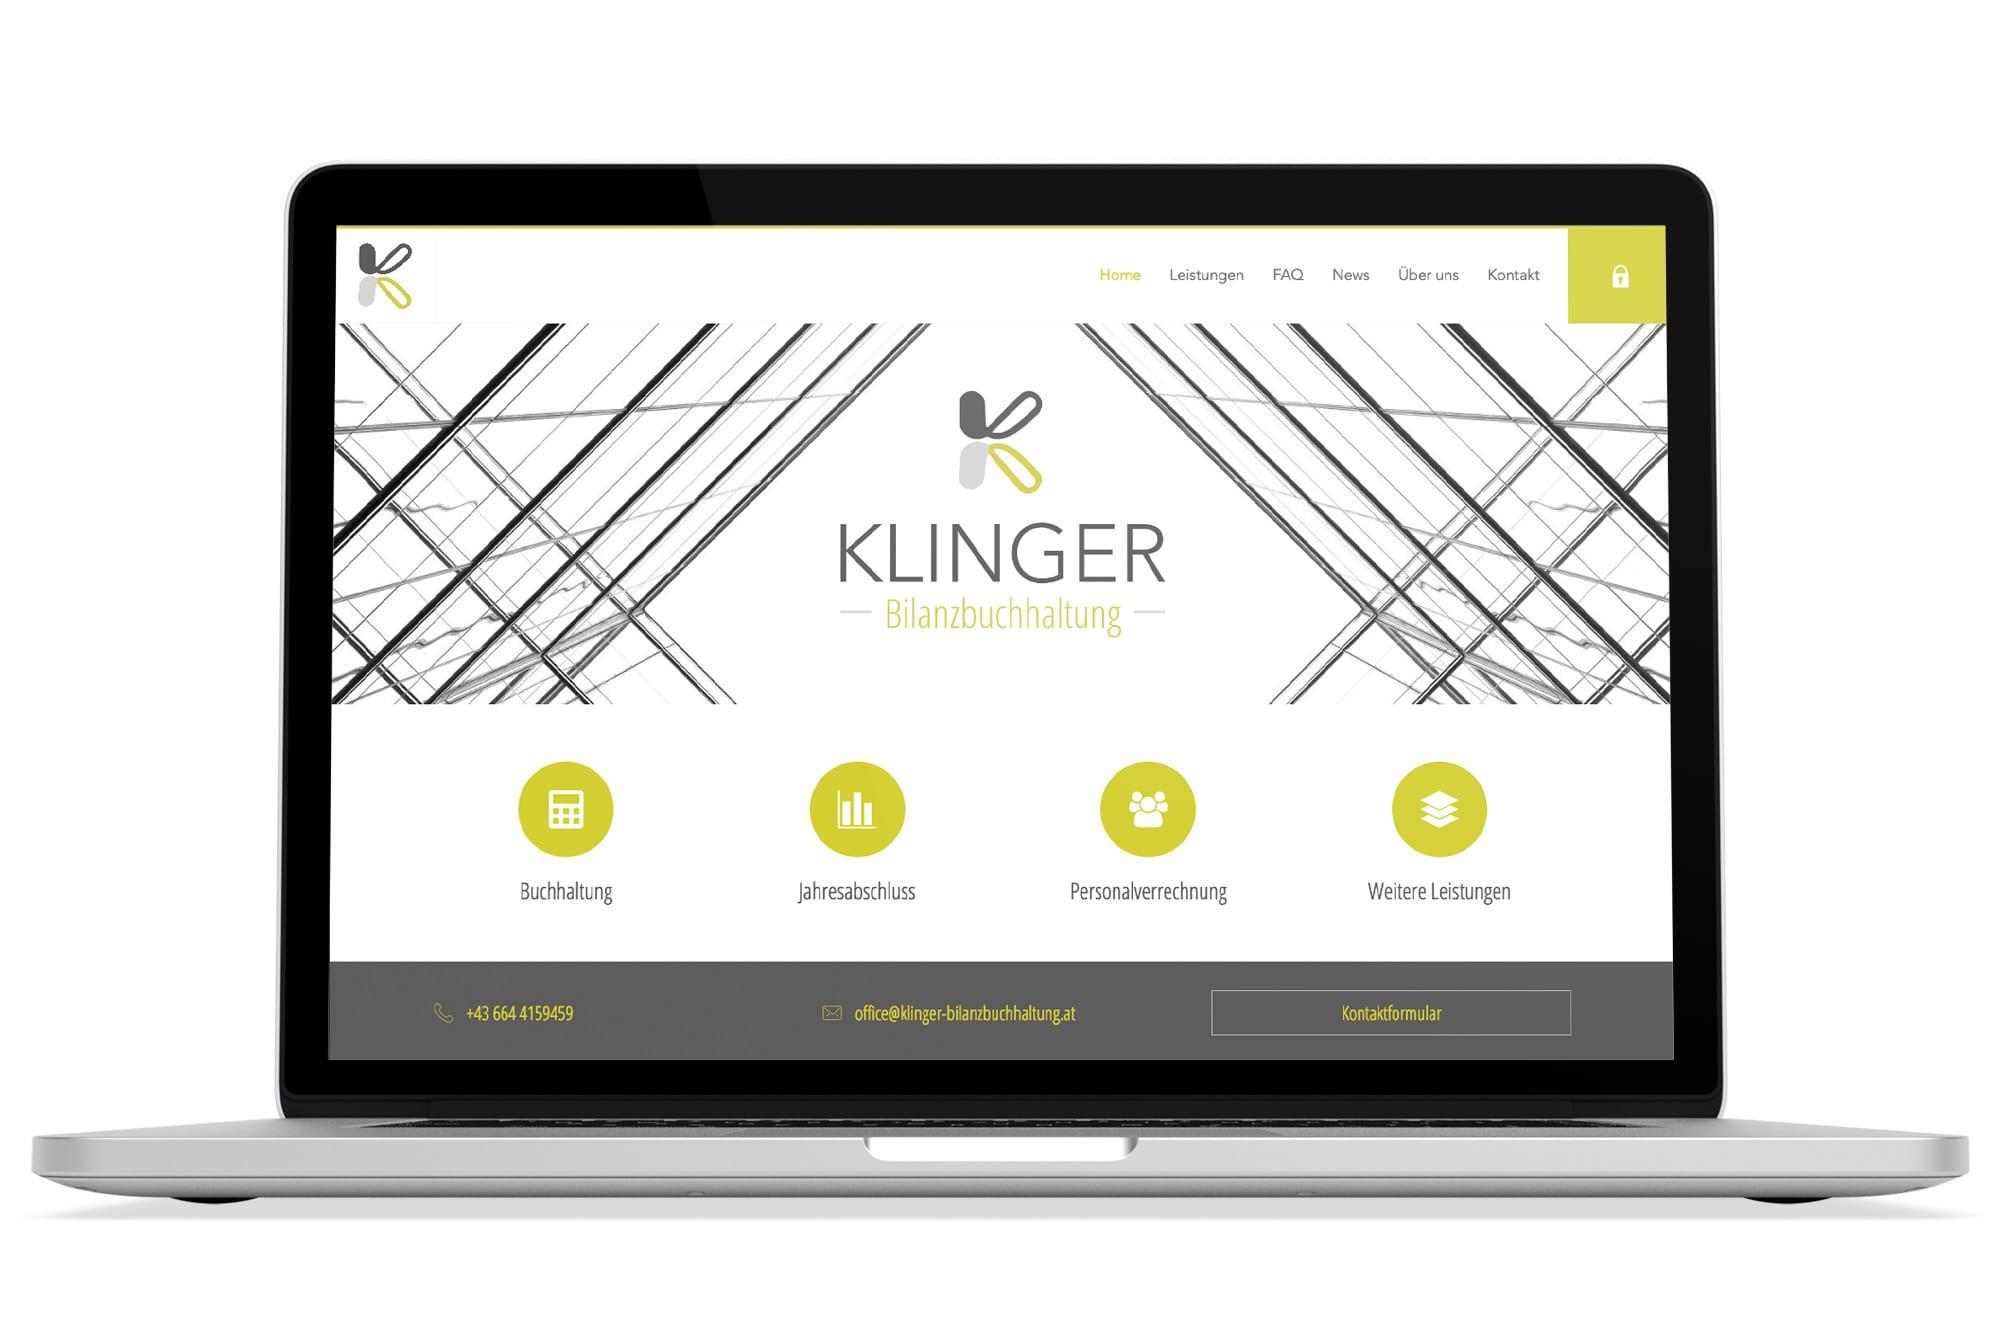 Responsive Webdesign Beispiel: Neue mobile Webseite für Bilanzbuchhalterin Gänserndorf, Wolkersdorf